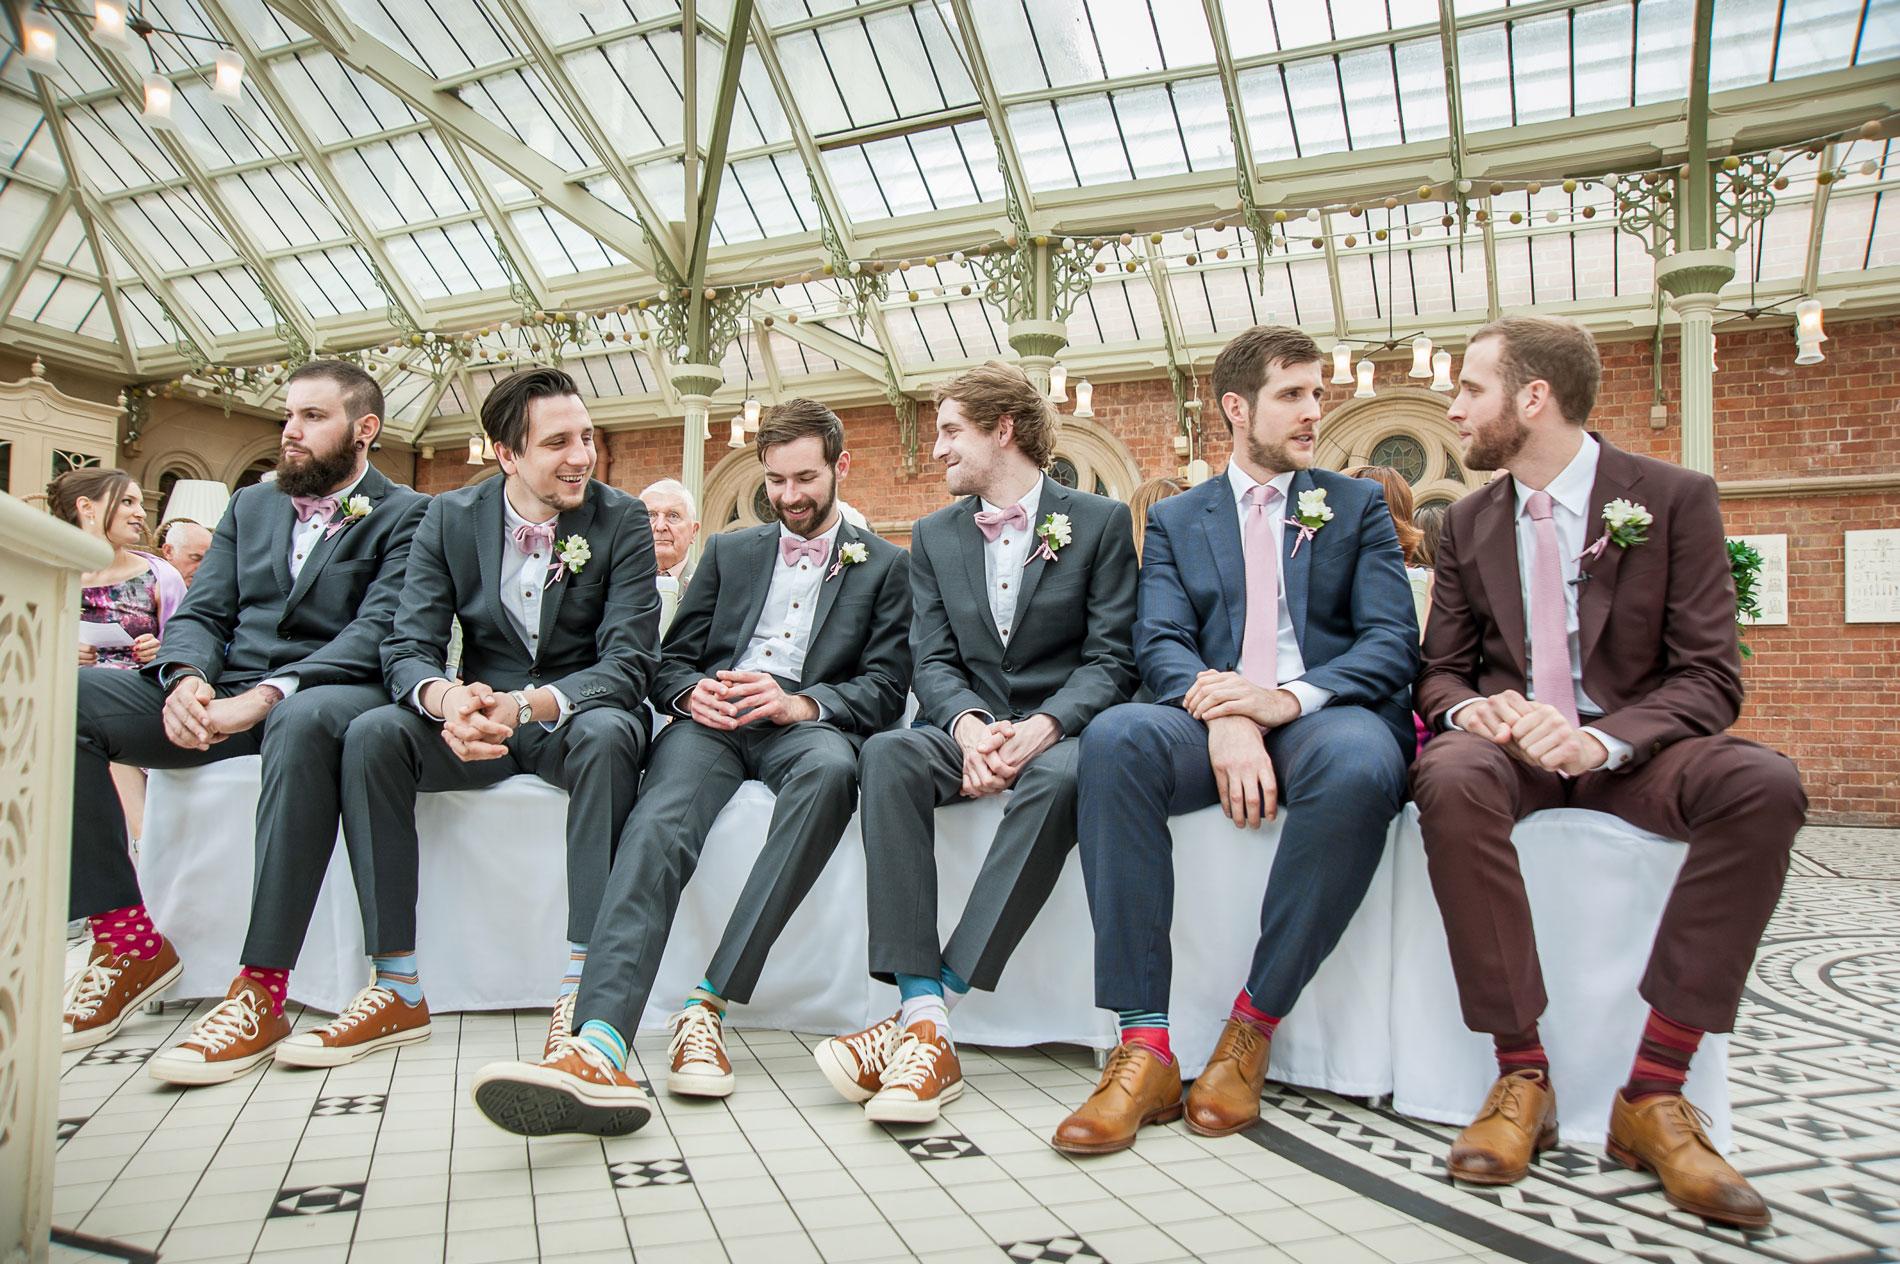 Kilworth-weddings-_23.jpg